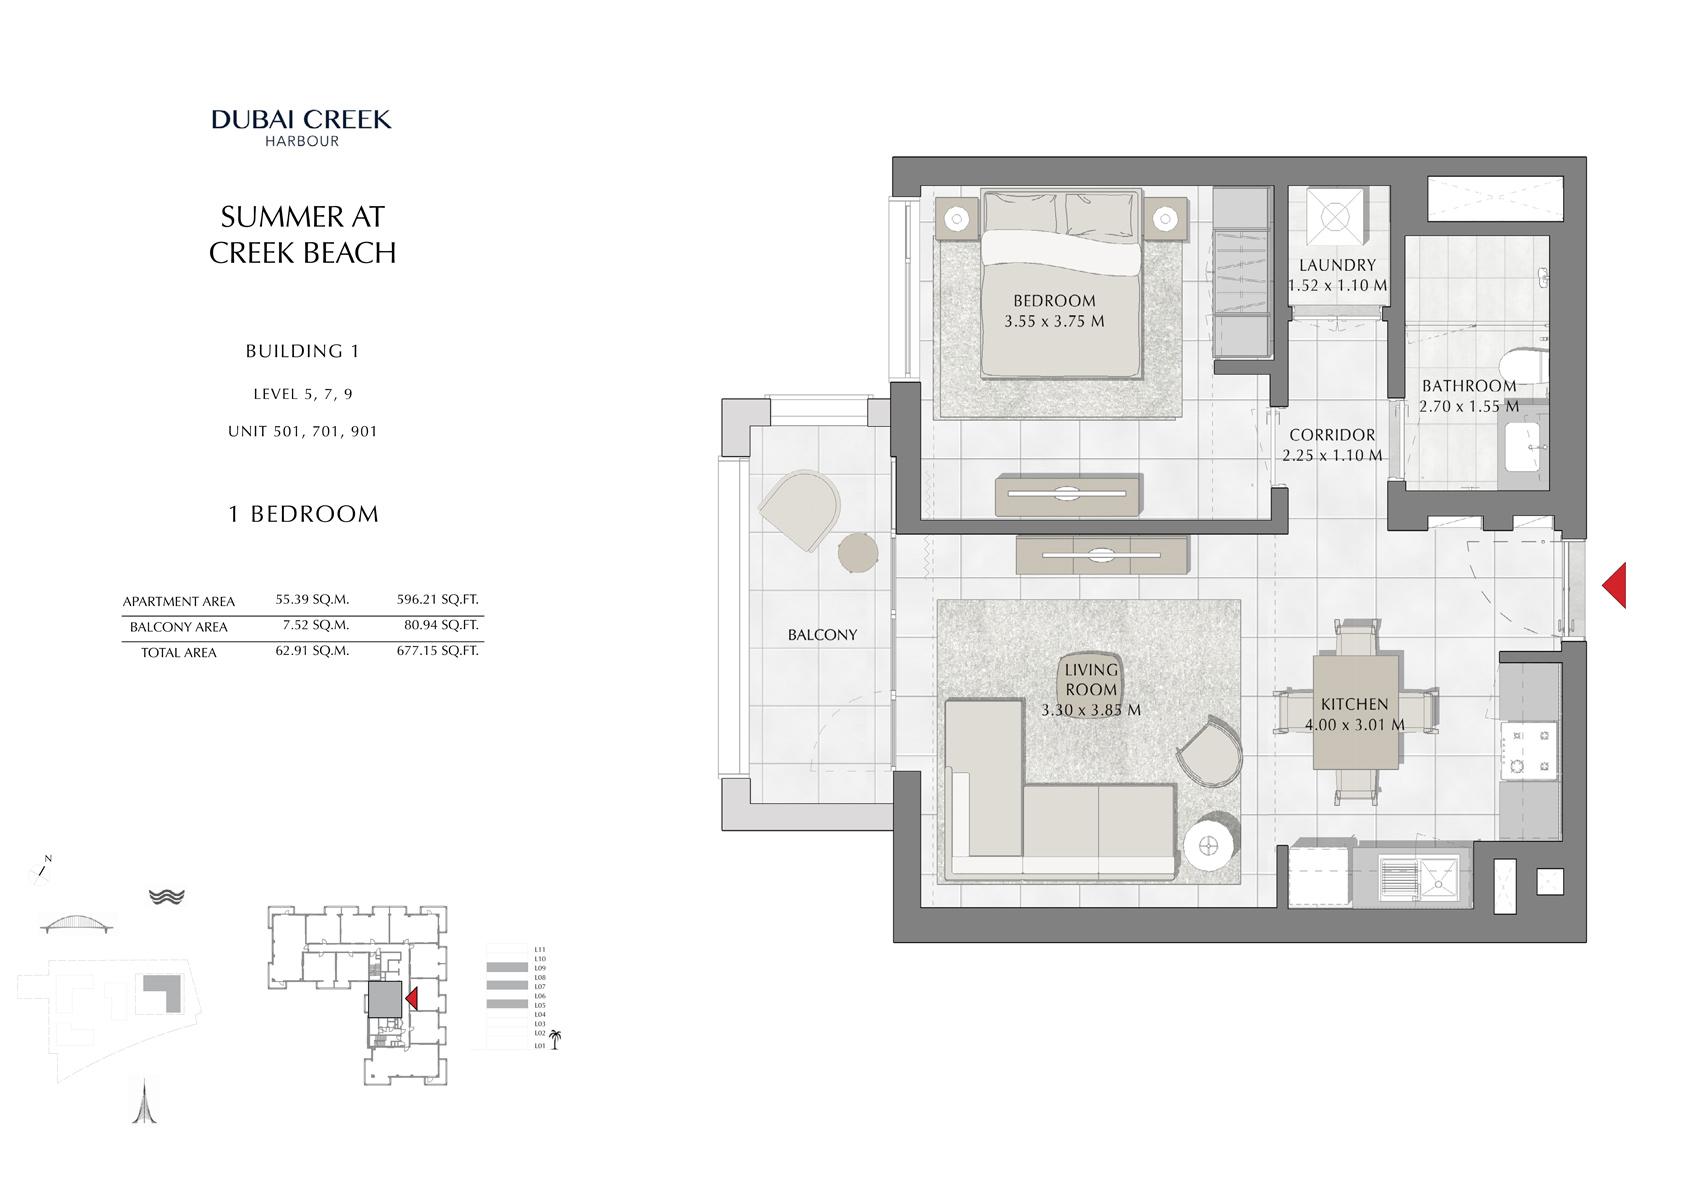 1 Br Building 1 level-5-7-9 Unit 501-701-901, Size 677 Sq FT